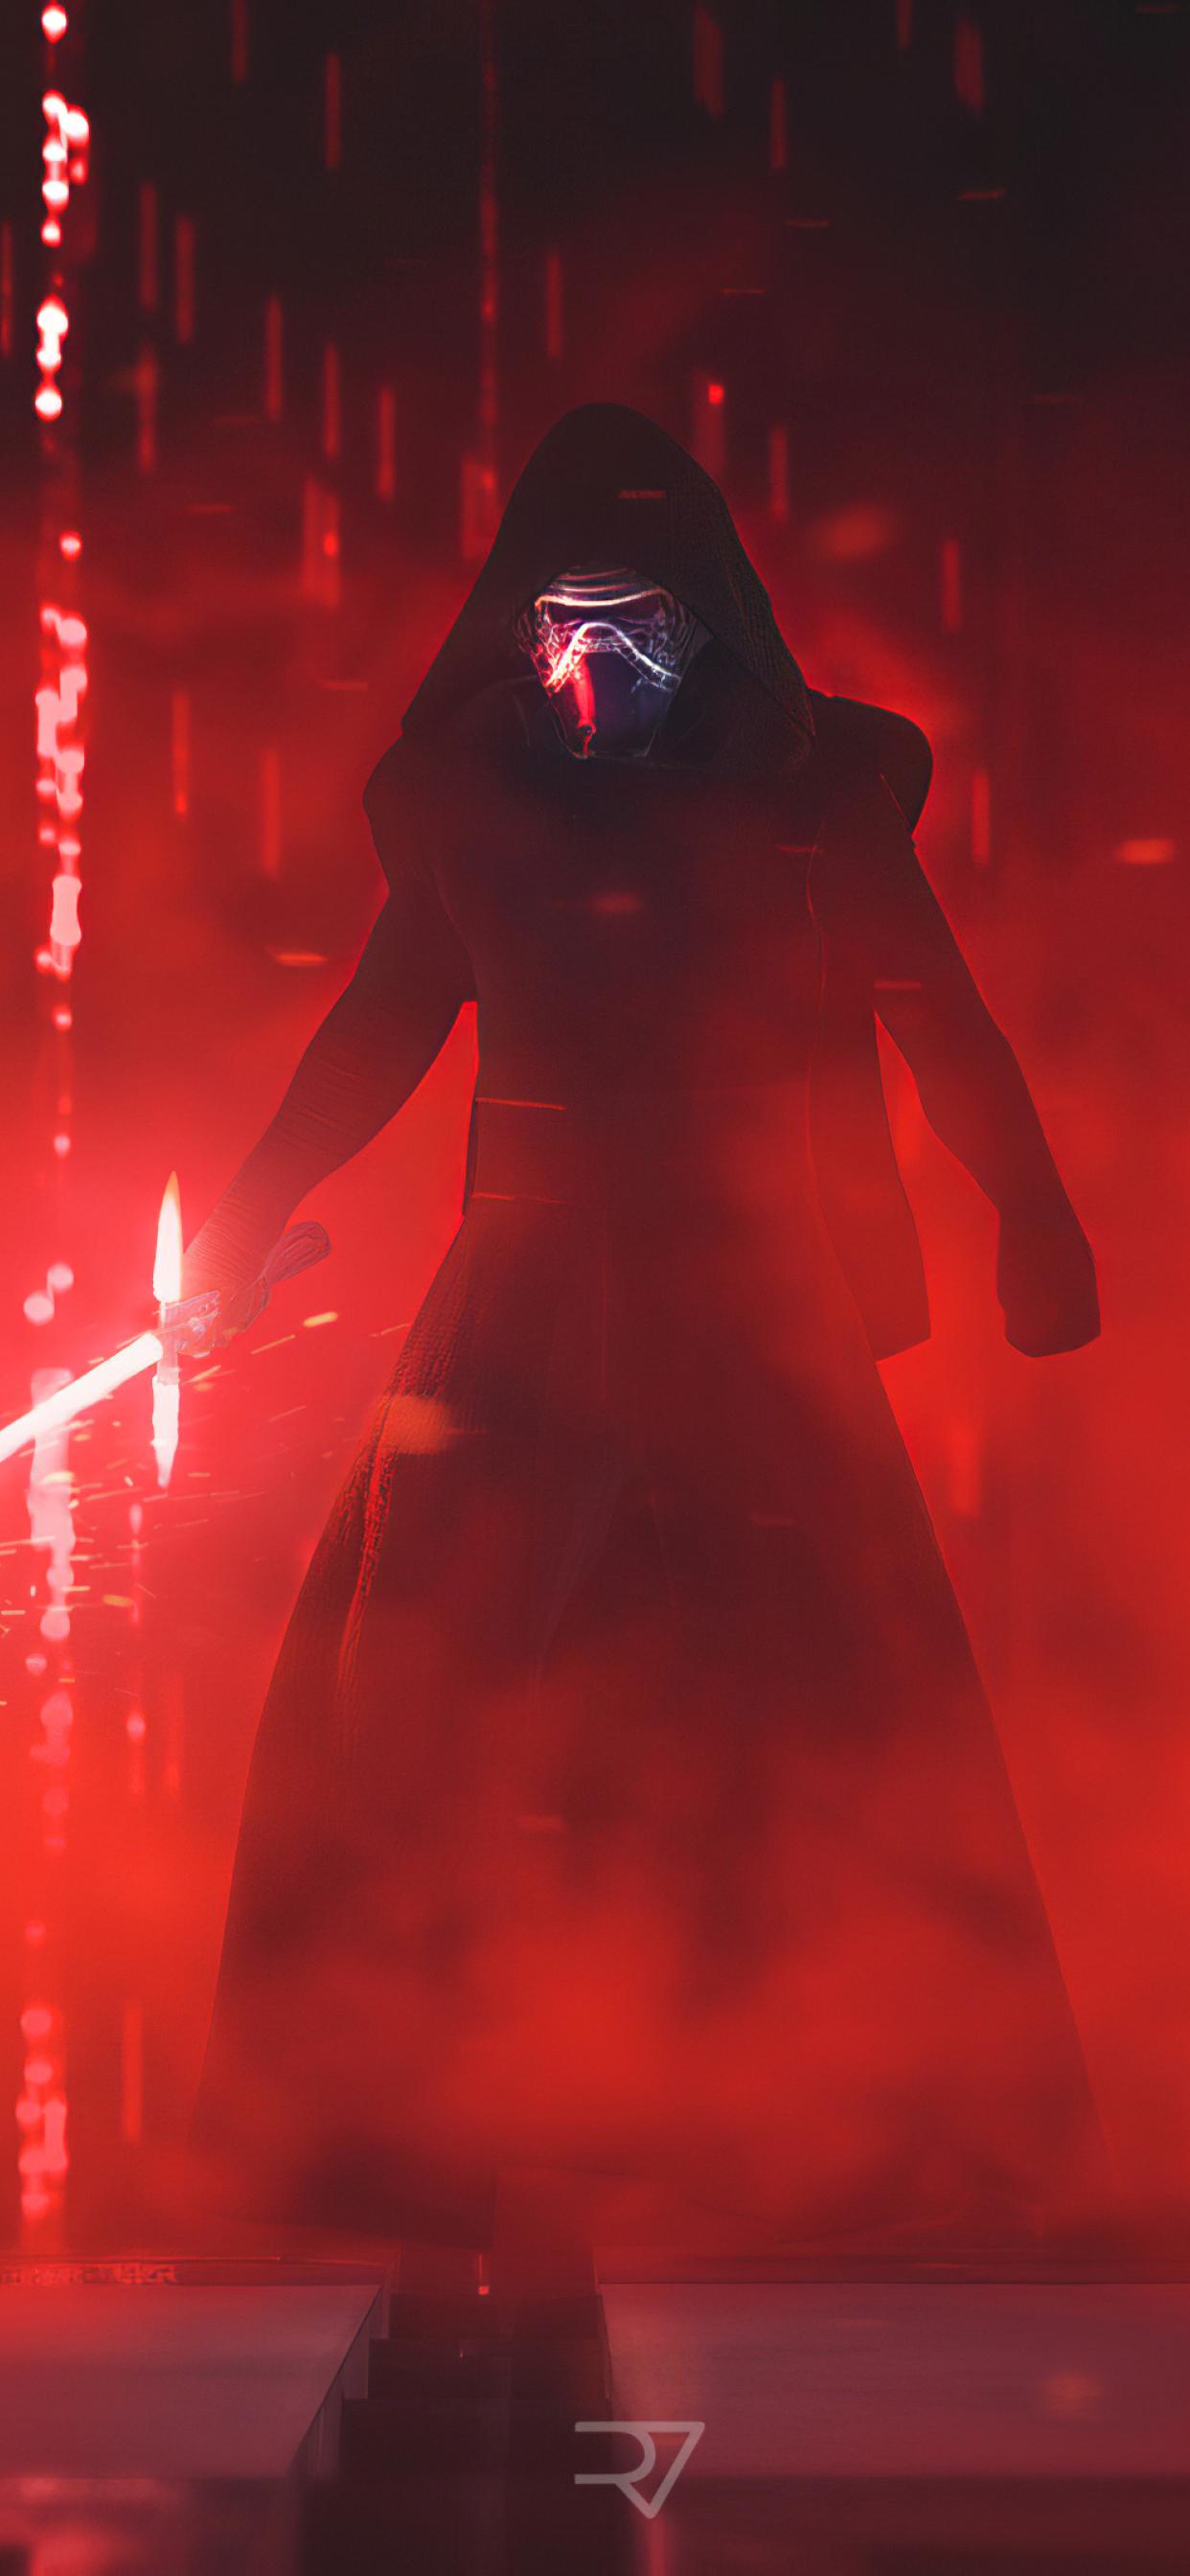 Star Wars Battlefront Darth Vader Wallpaper 4k 4k Wallpaper